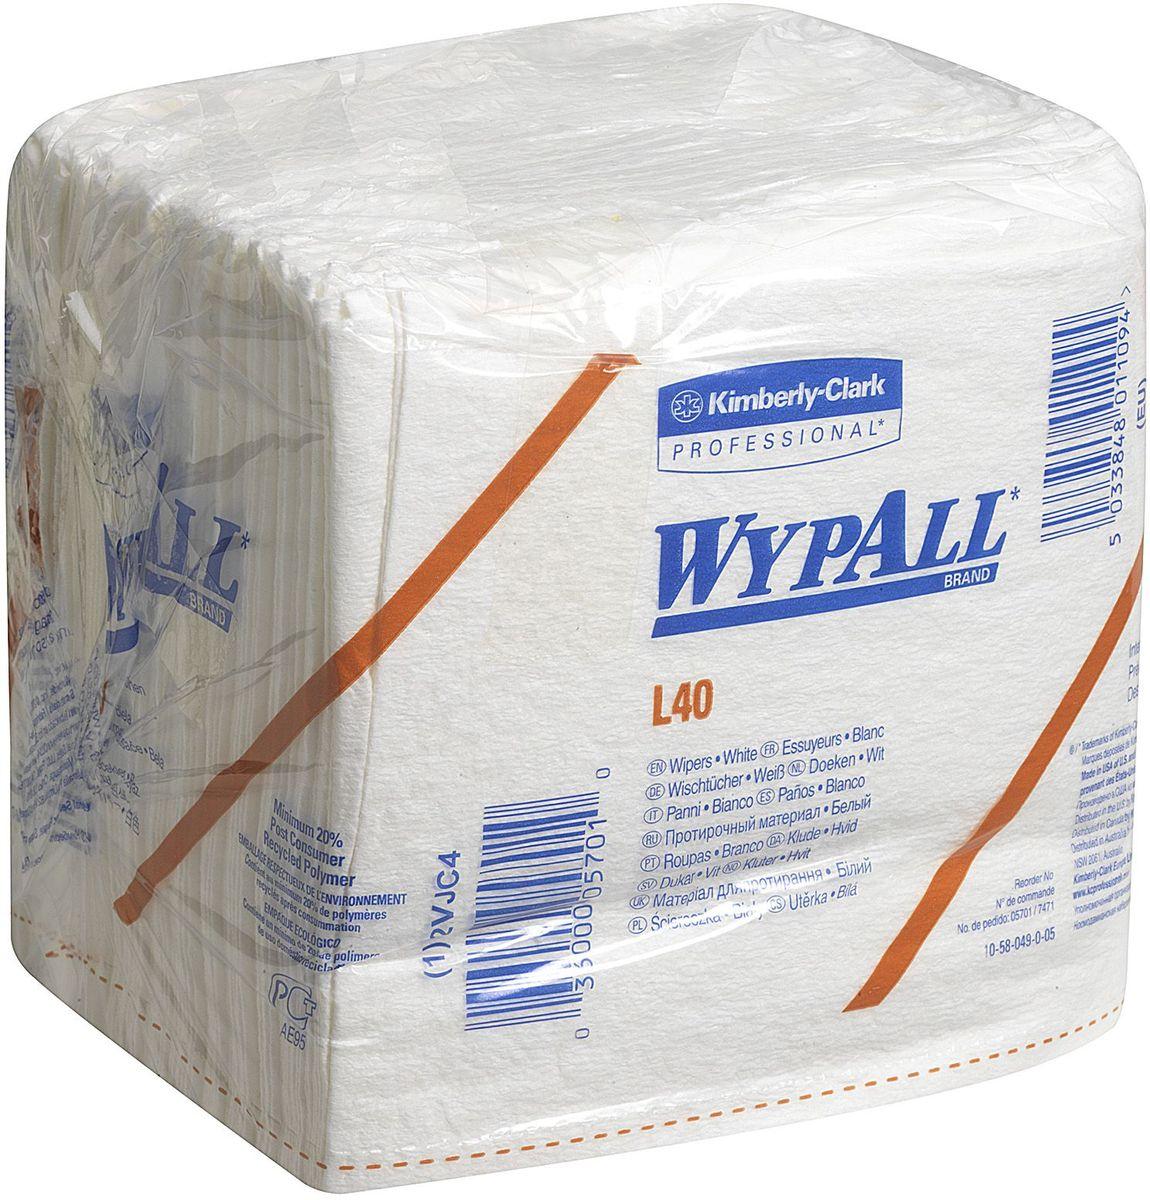 Салфетки бумажные Wypall L40, 56 шт. 7471787502Бумажные салфетки Wypall L40, произведенные при помощи технологии AIRFLEX®, обладают отличной впитывающей способностью, долговечностью и прочностью, как в сухом, так и во влажном состоянии. Подходят для работы по очистки технологических линий, быстрого устранения крупных разливов масла, смазки, протирки рук и лица пациентов в медицинских учреждениях, а также помогают предотвратить распространение бактерий. Салфетки Wypall L40 могут использоваться с переносными или стационарными диспенсерами для контроля расхода продукта и уменьшения объема отходов.Количество: 18 упаковок по 56 салфеток.